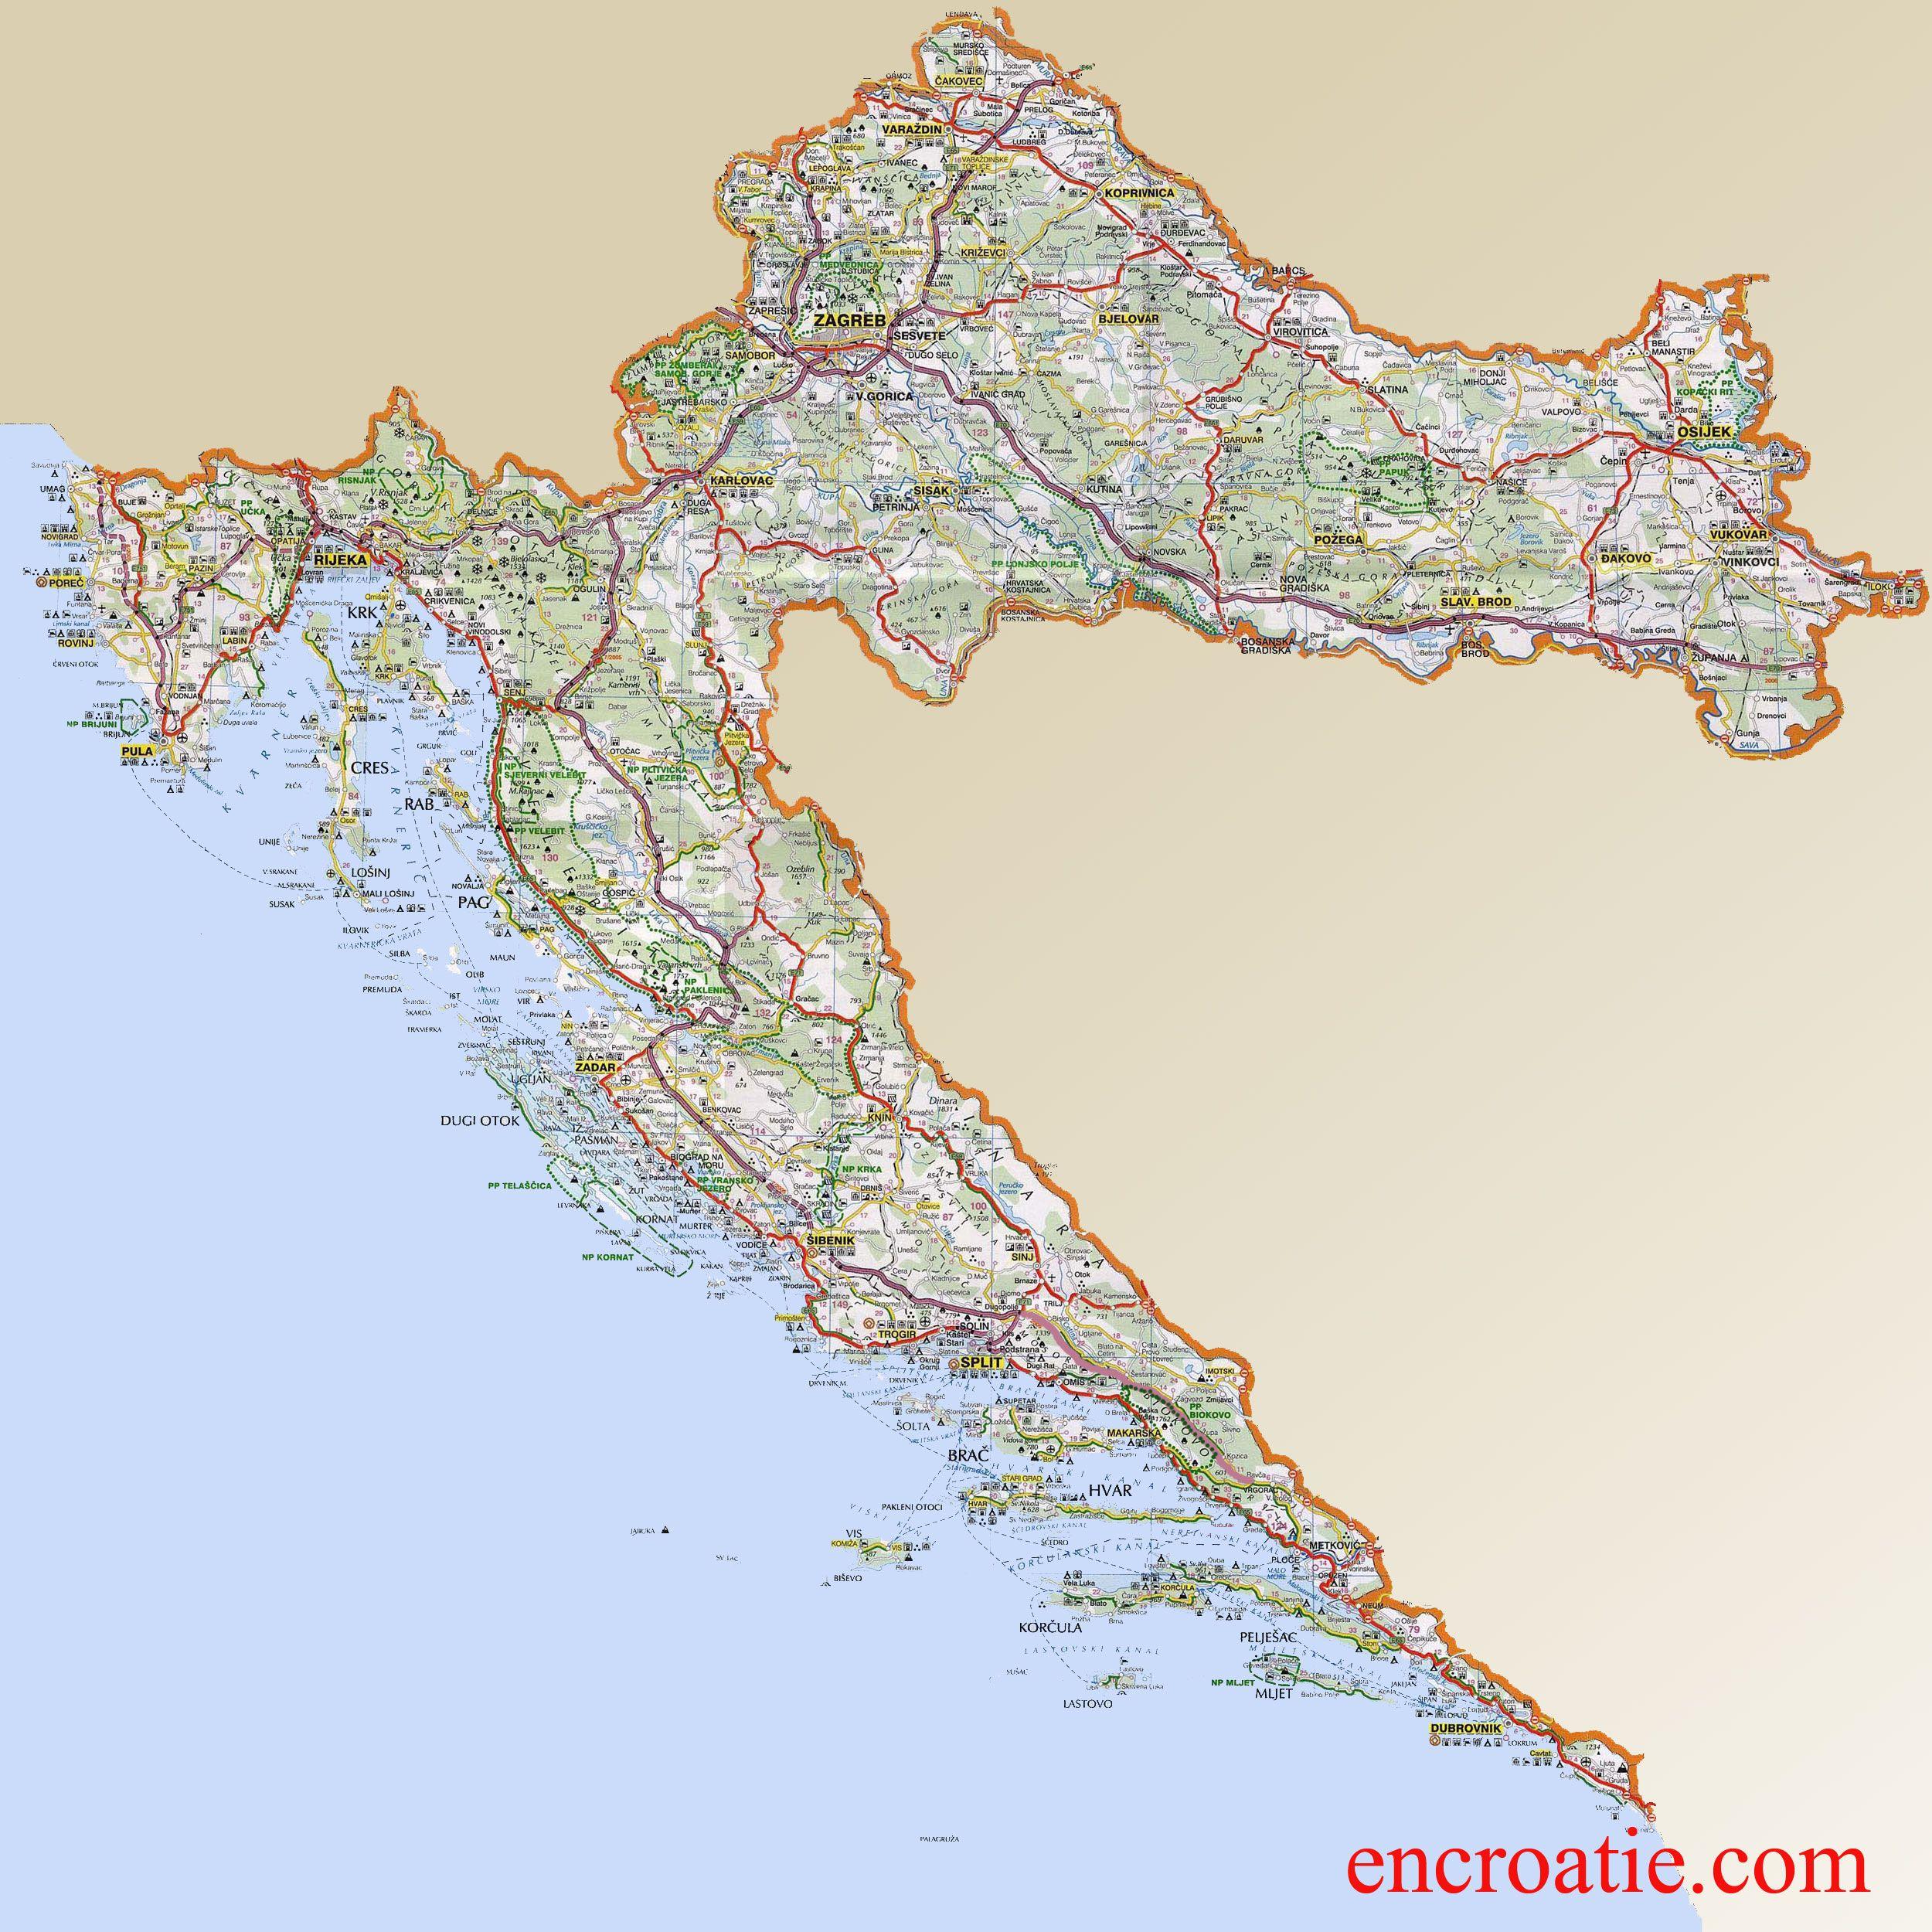 Carte De La Croatie Cartes Detaillees Des Regions Carte Autoroutes Carte Touristique Carte Croatie Carte Touristique Croatie